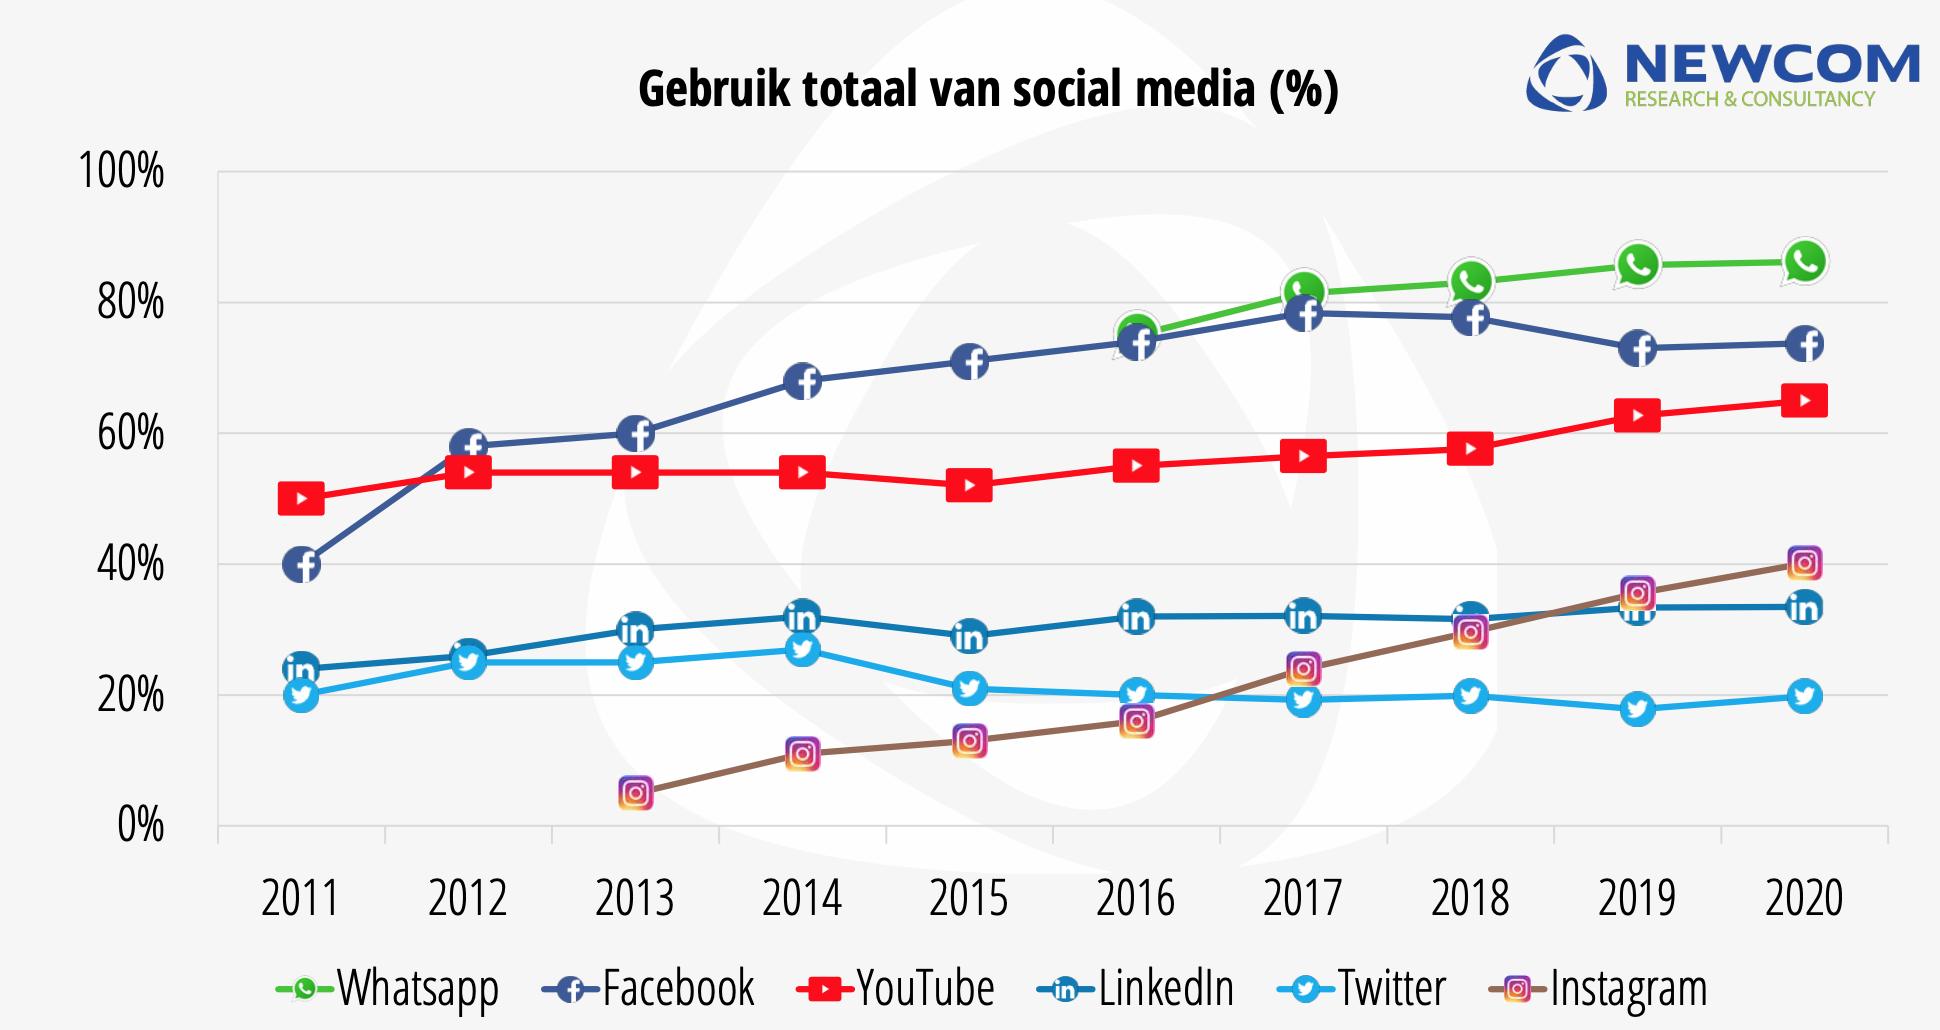 Newcom Ontwikkeling gebruik social media in Nederland 2020